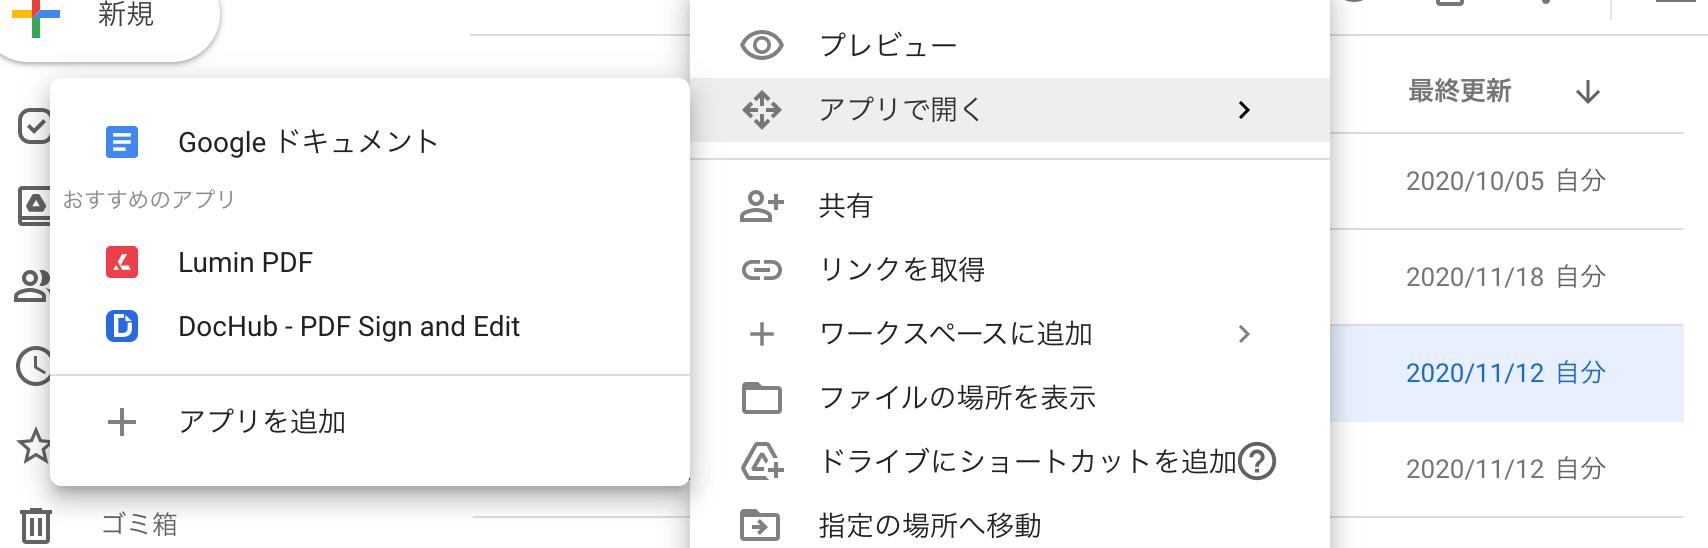 文字 起こし ドキュメント グーグル